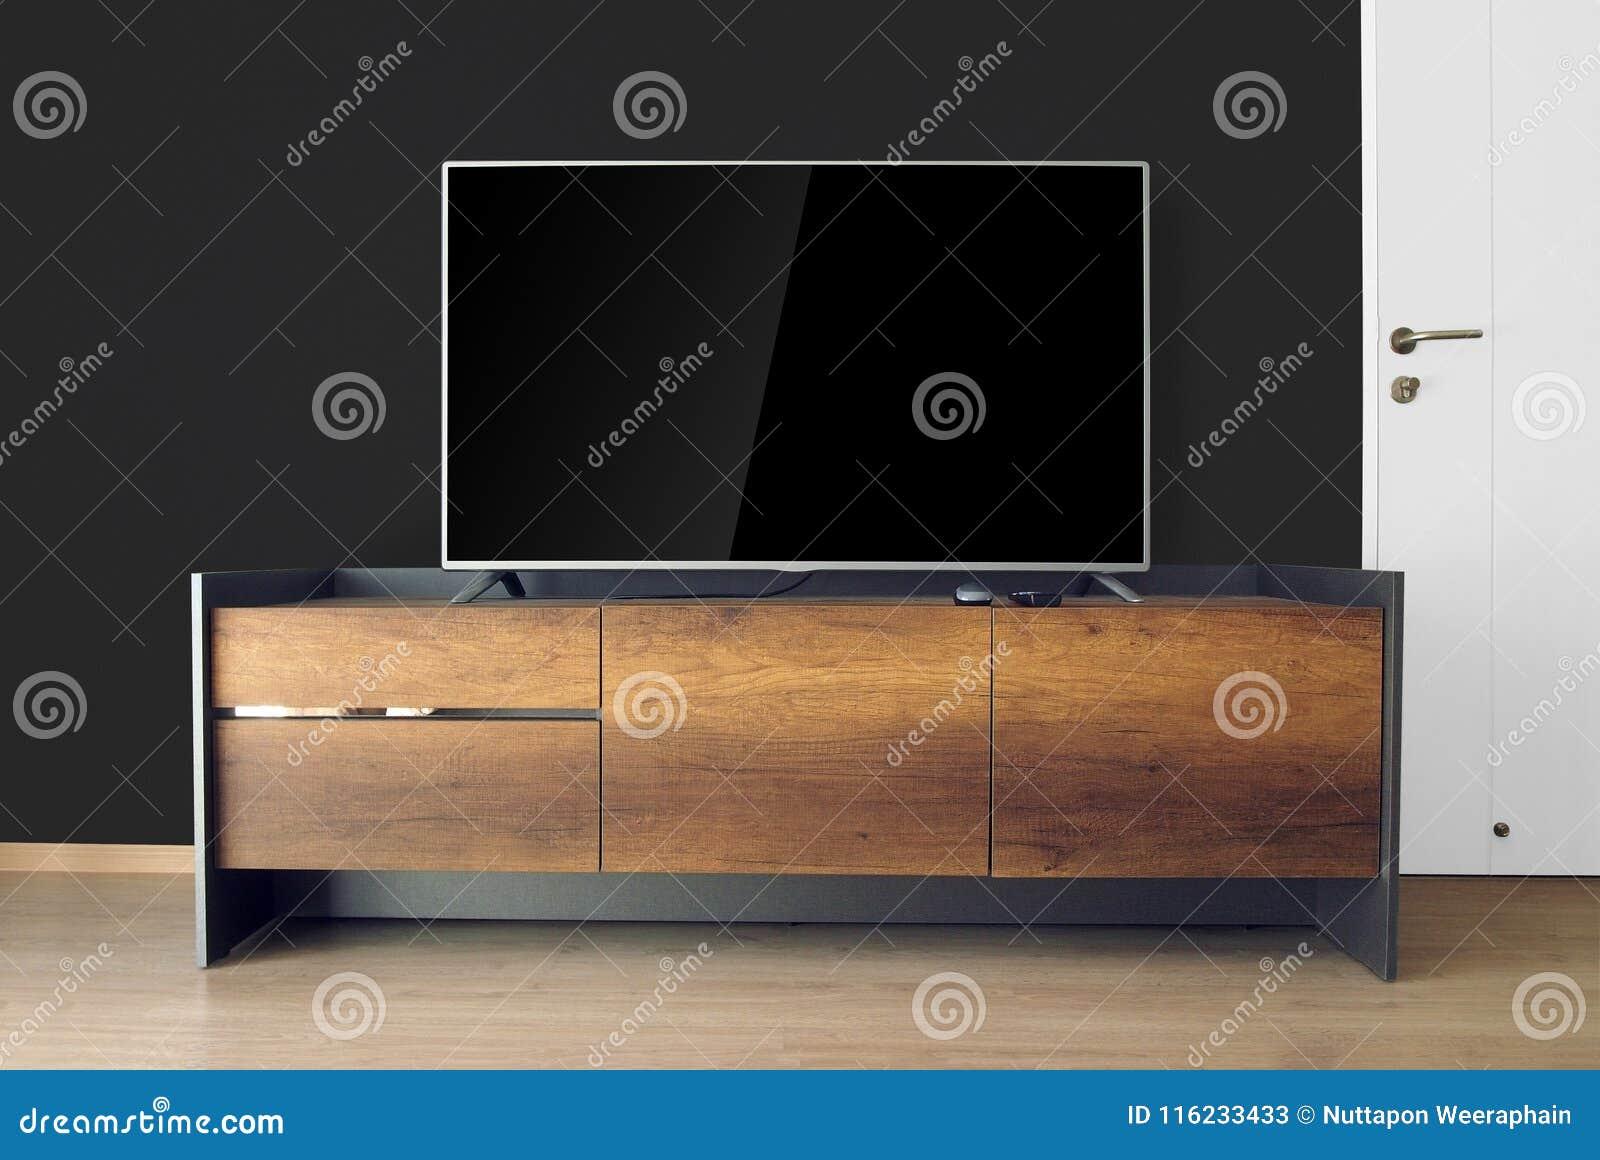 Οδηγημένη TV στη στάση TV στο κενό δωμάτιο με το μαύρο τοίχο διακοσμήστε στο lo